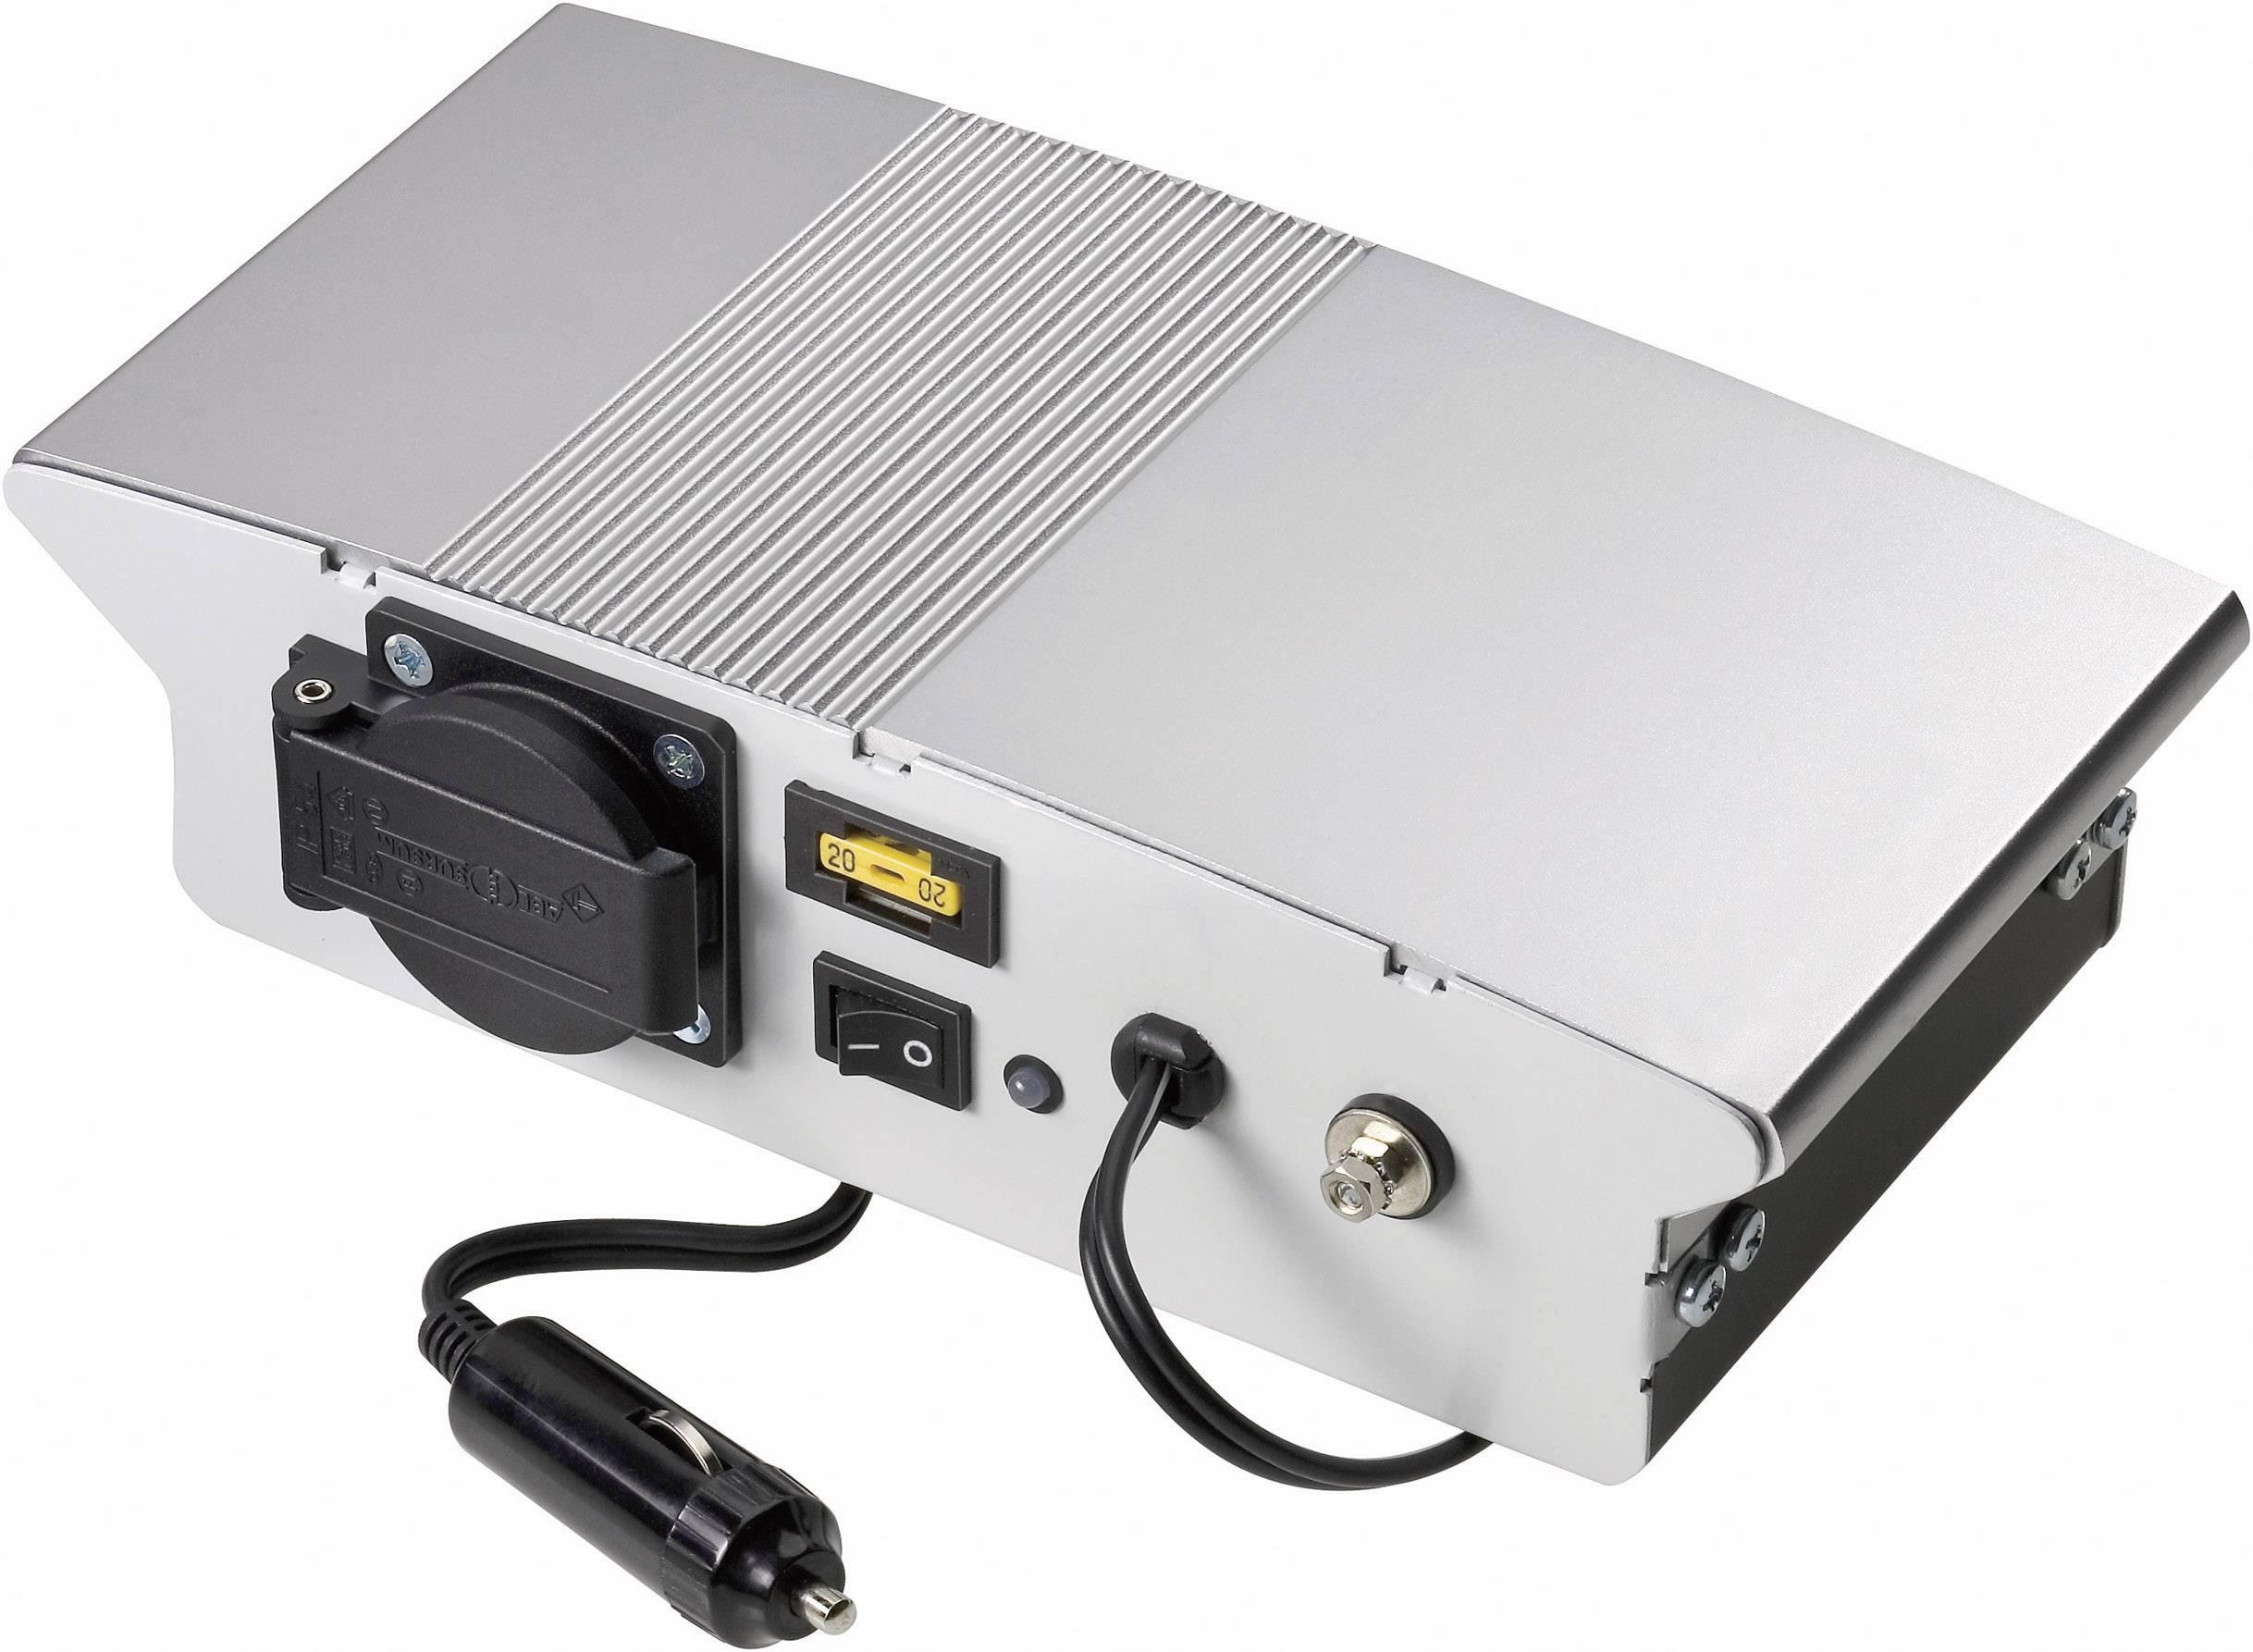 Menič napätia DC / AC VOLTCRAFT SW-150 12V, 150 W, 12 V/DC/230 V/AC, 150 W bez ventilátorov